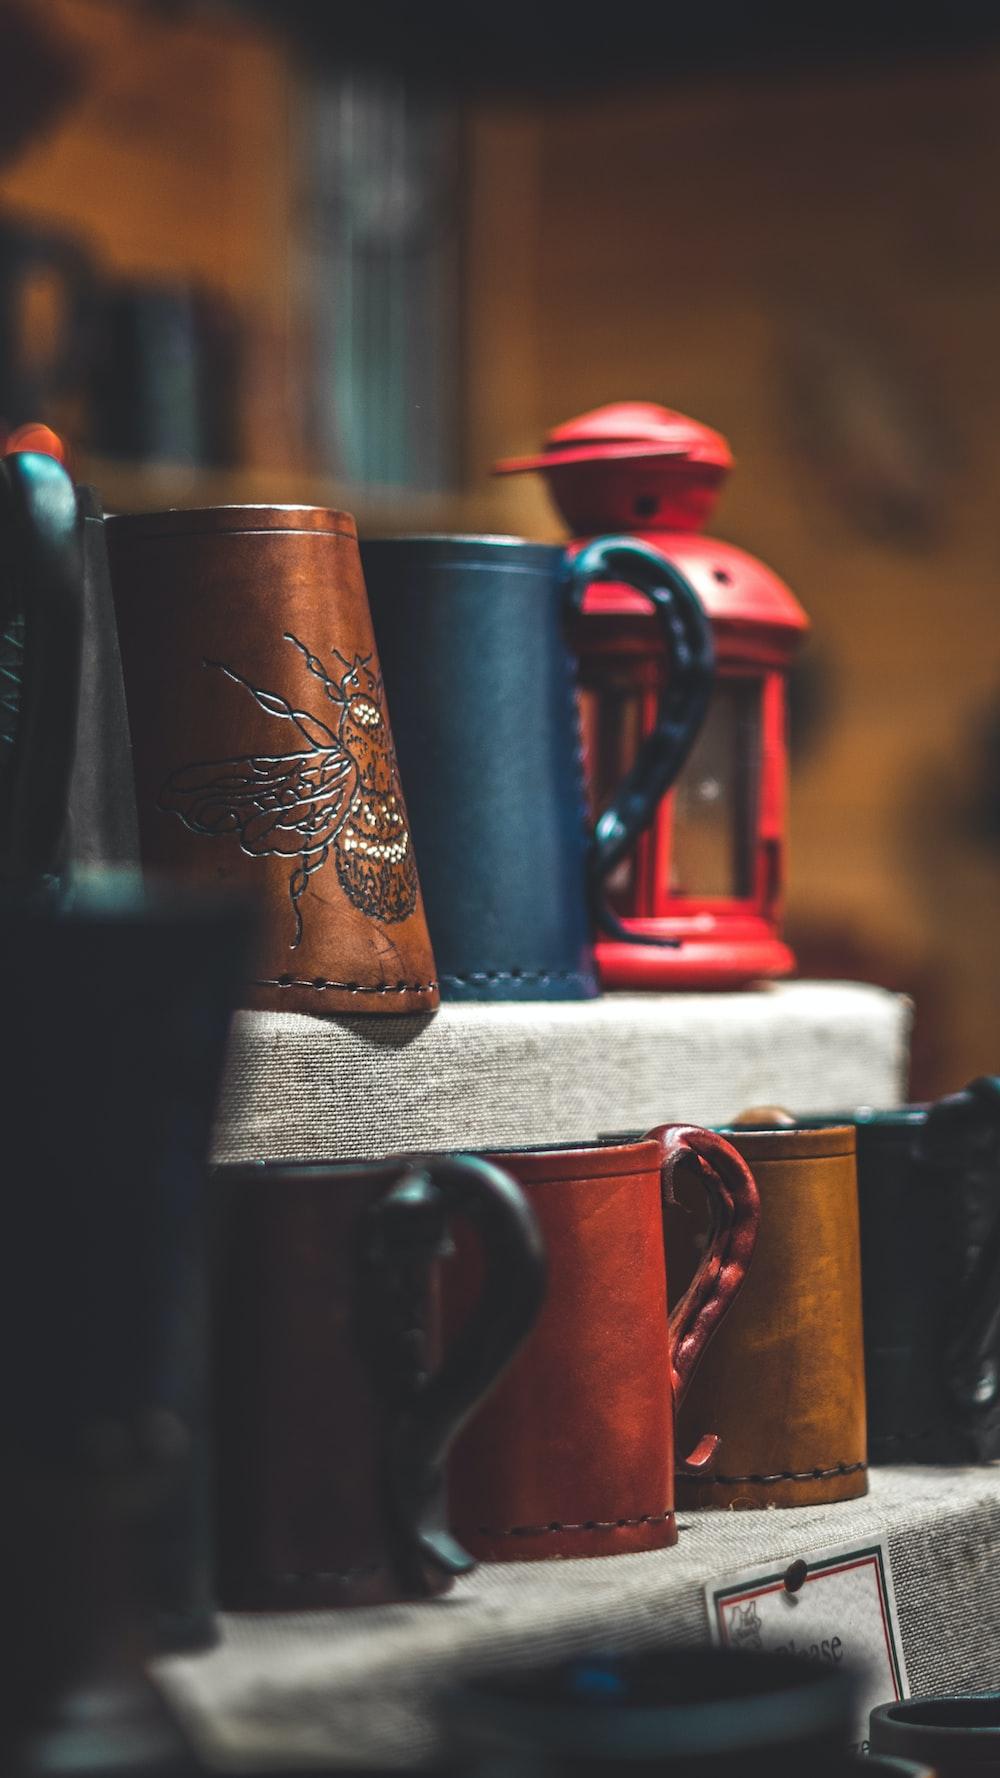 brown and black mugs on rack